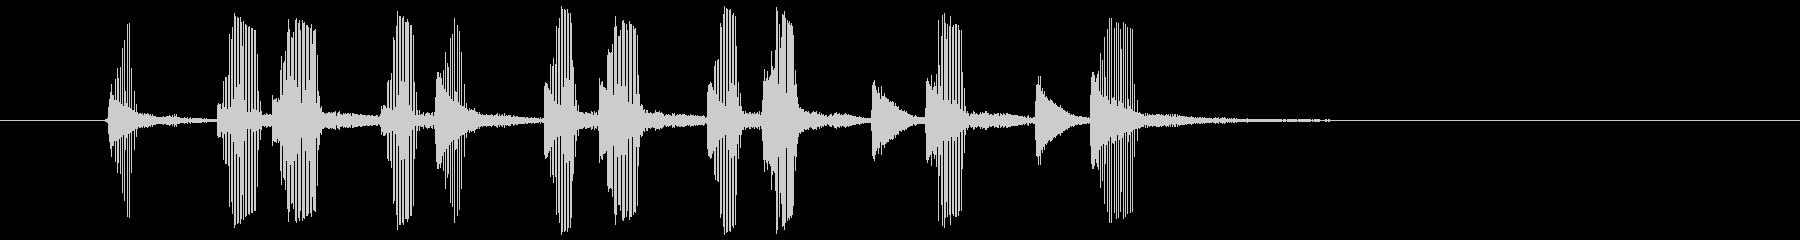 パパパッパパッパパ(電子ラッパ音)の未再生の波形